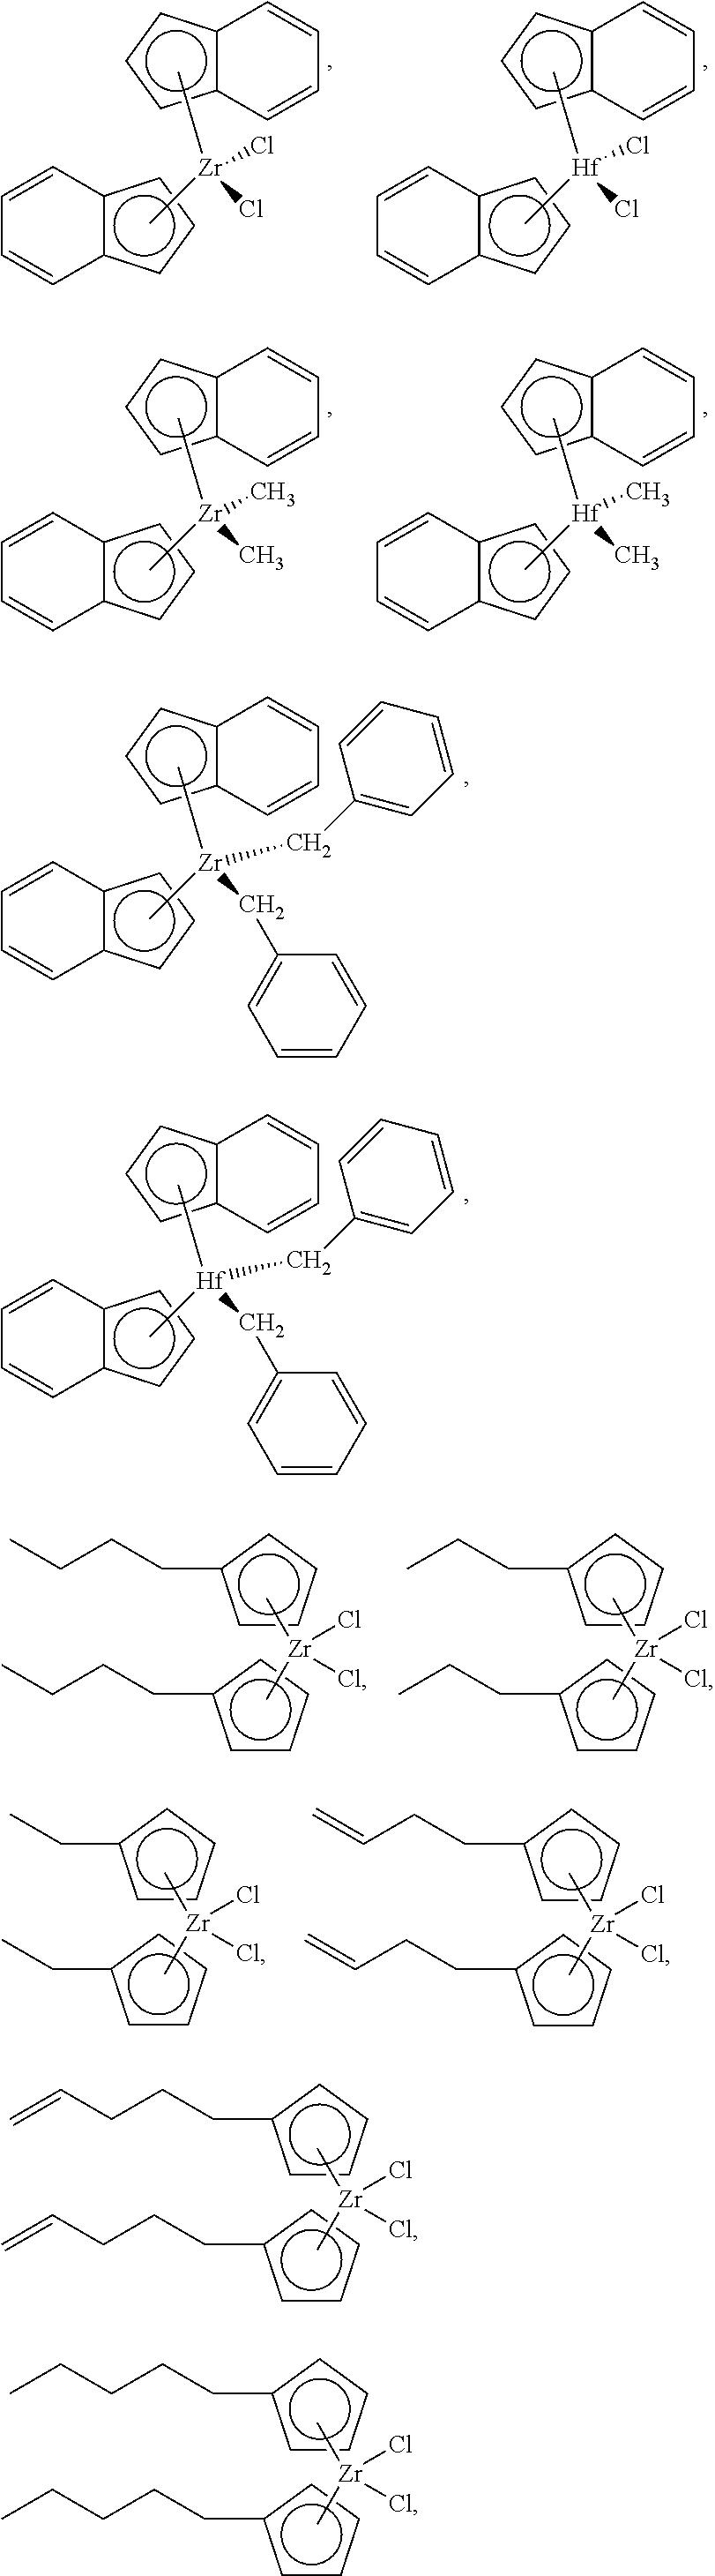 Figure US09273159-20160301-C00004